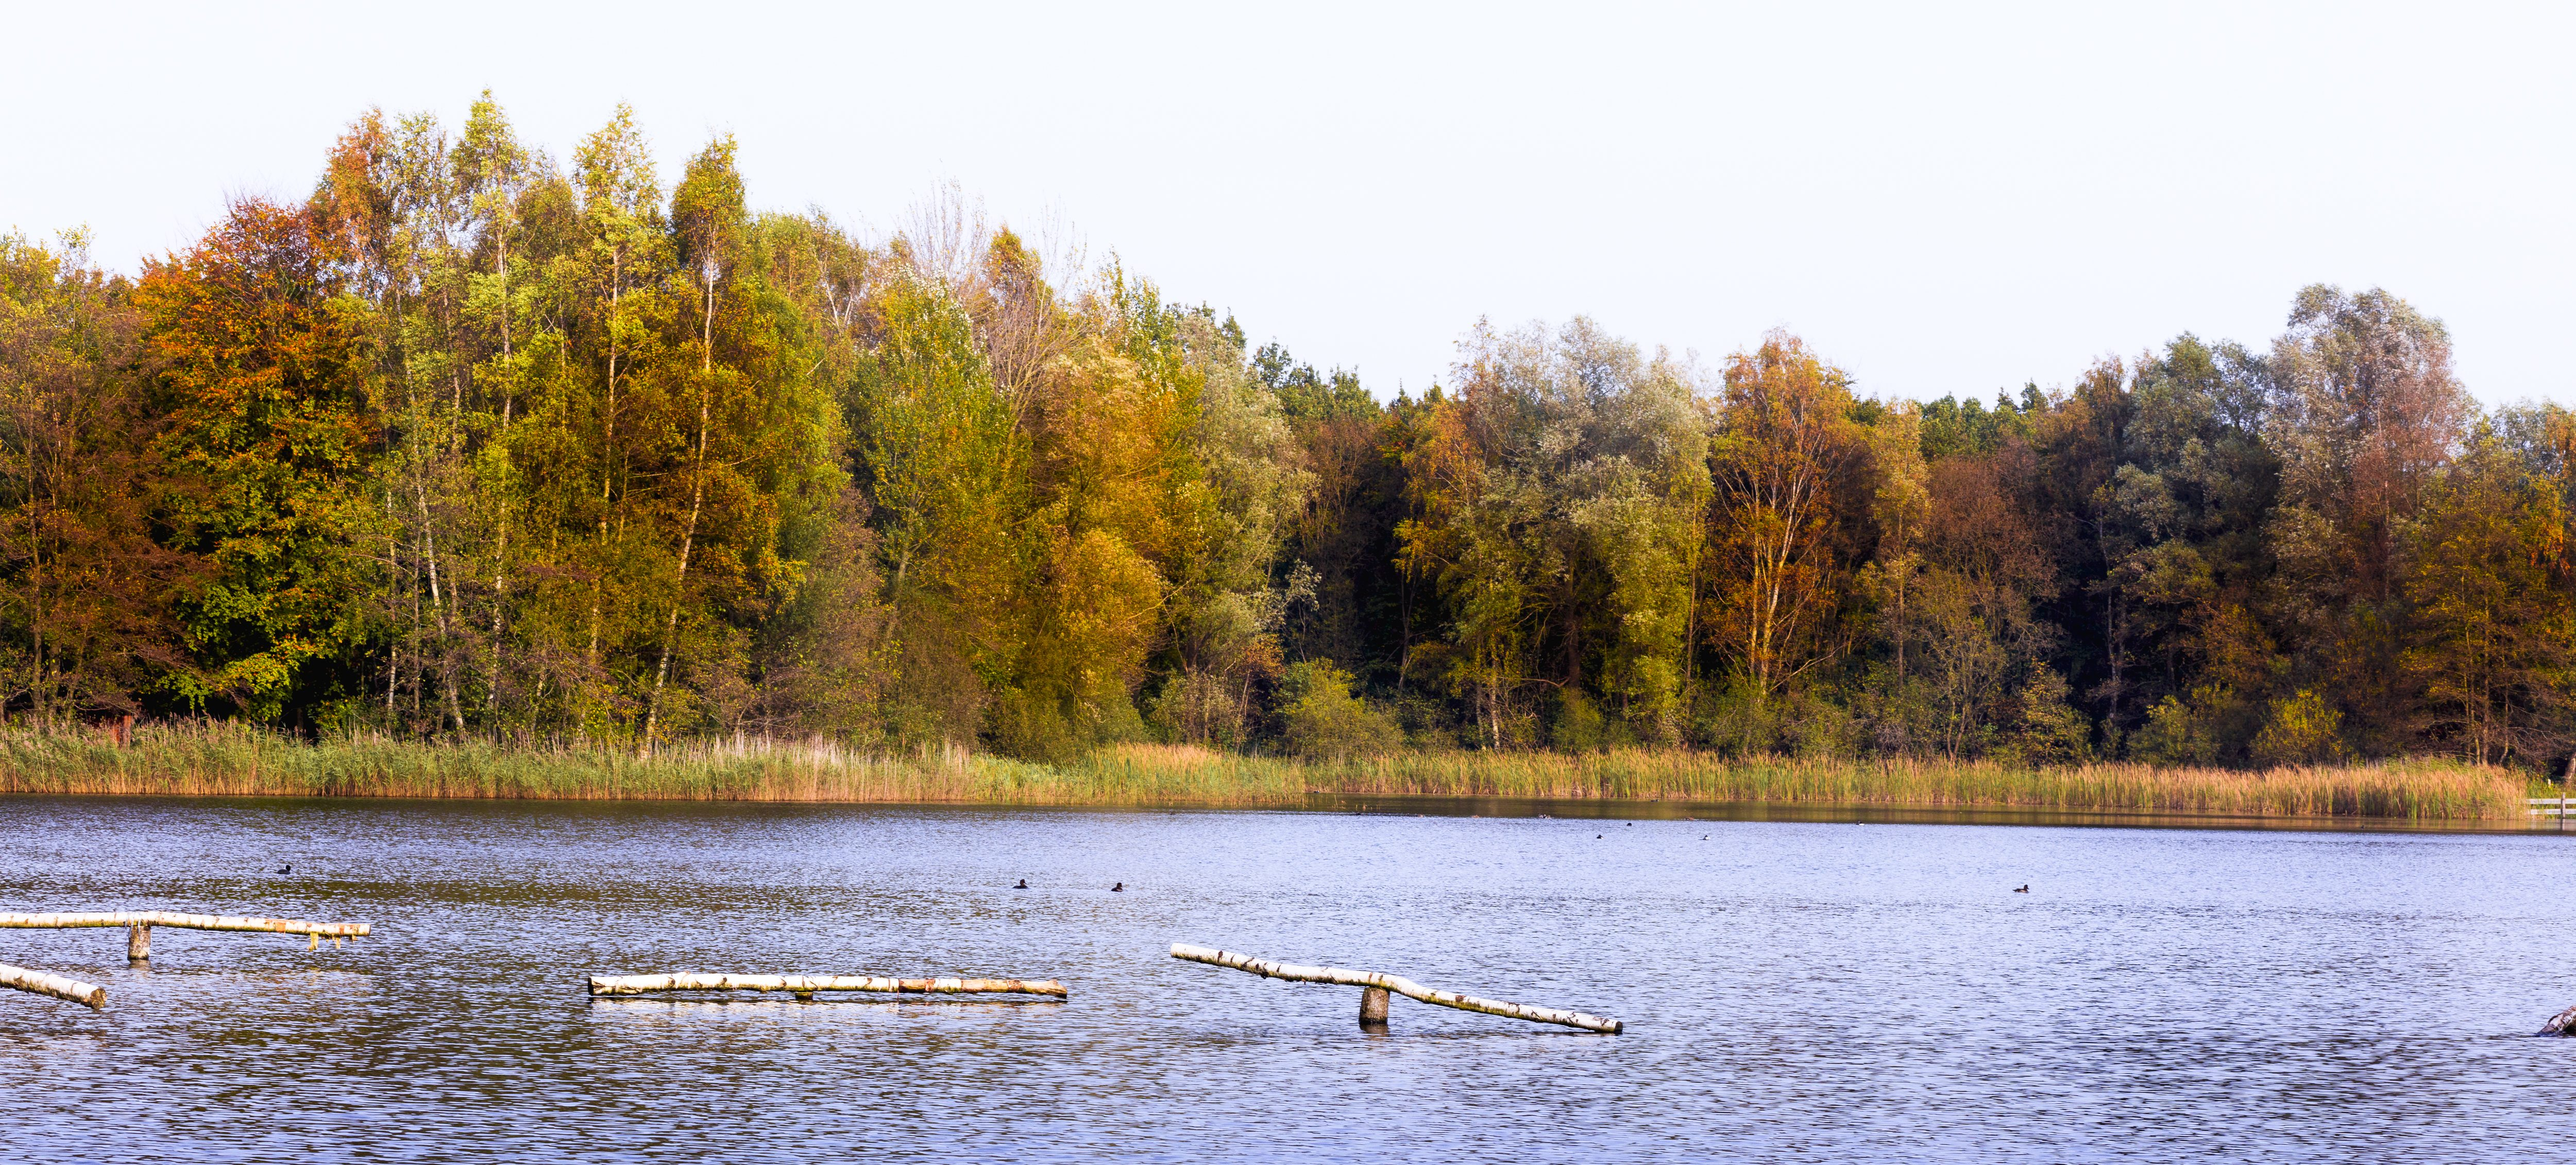 Kuinderbos; klein Zweden van de polder